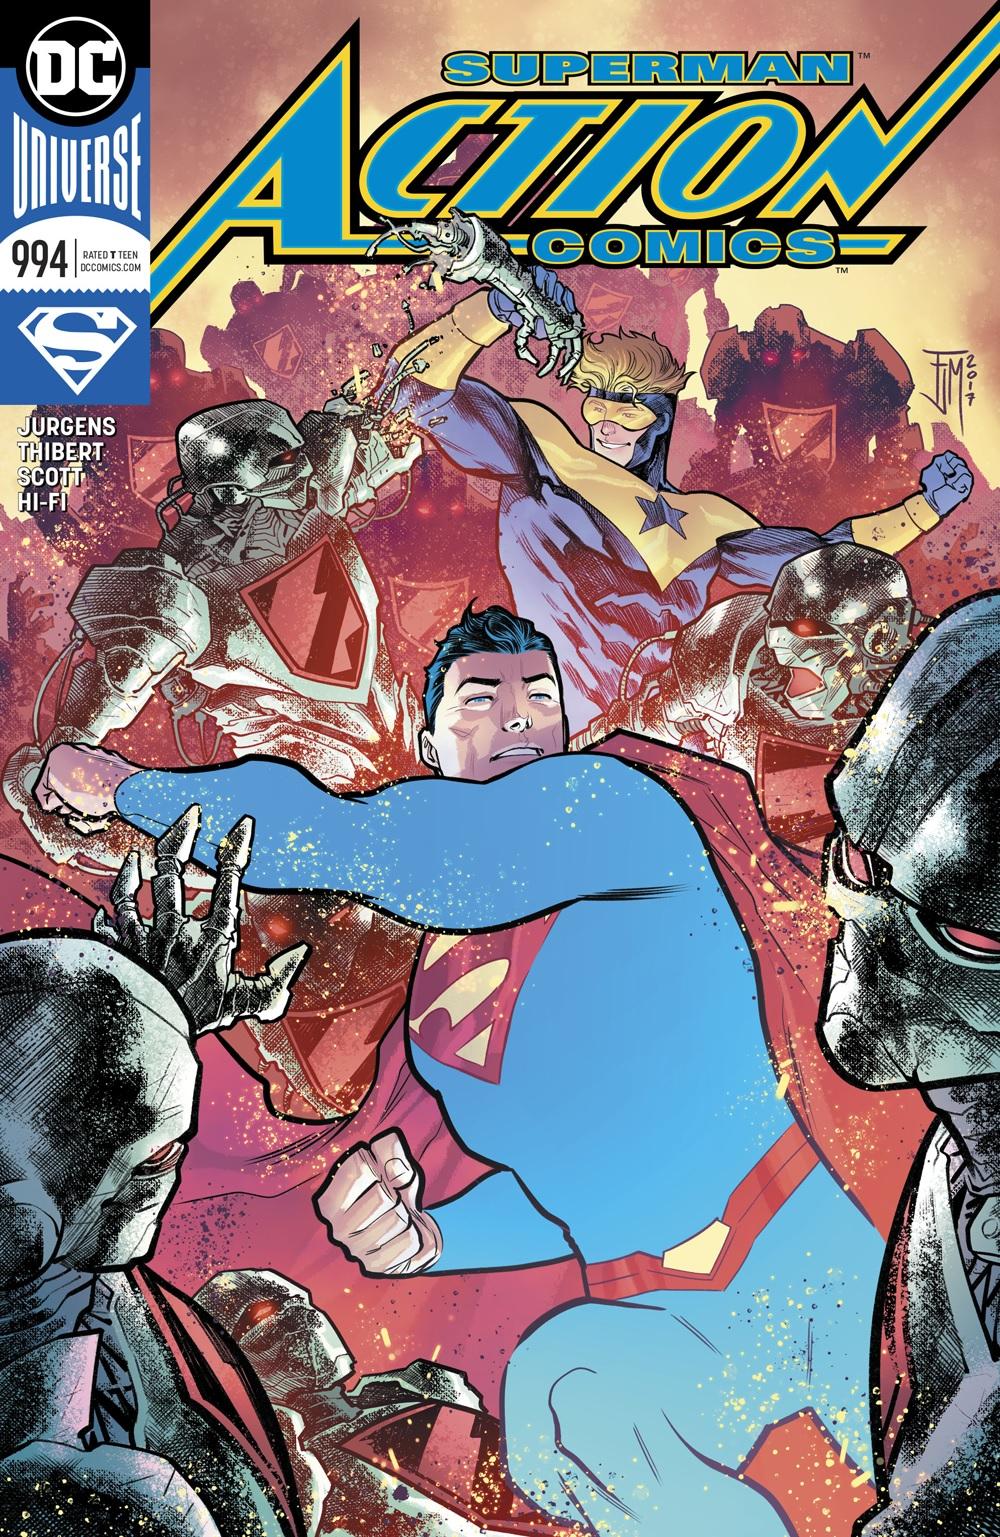 Action Comics Vol 1 994 Variant.jpg